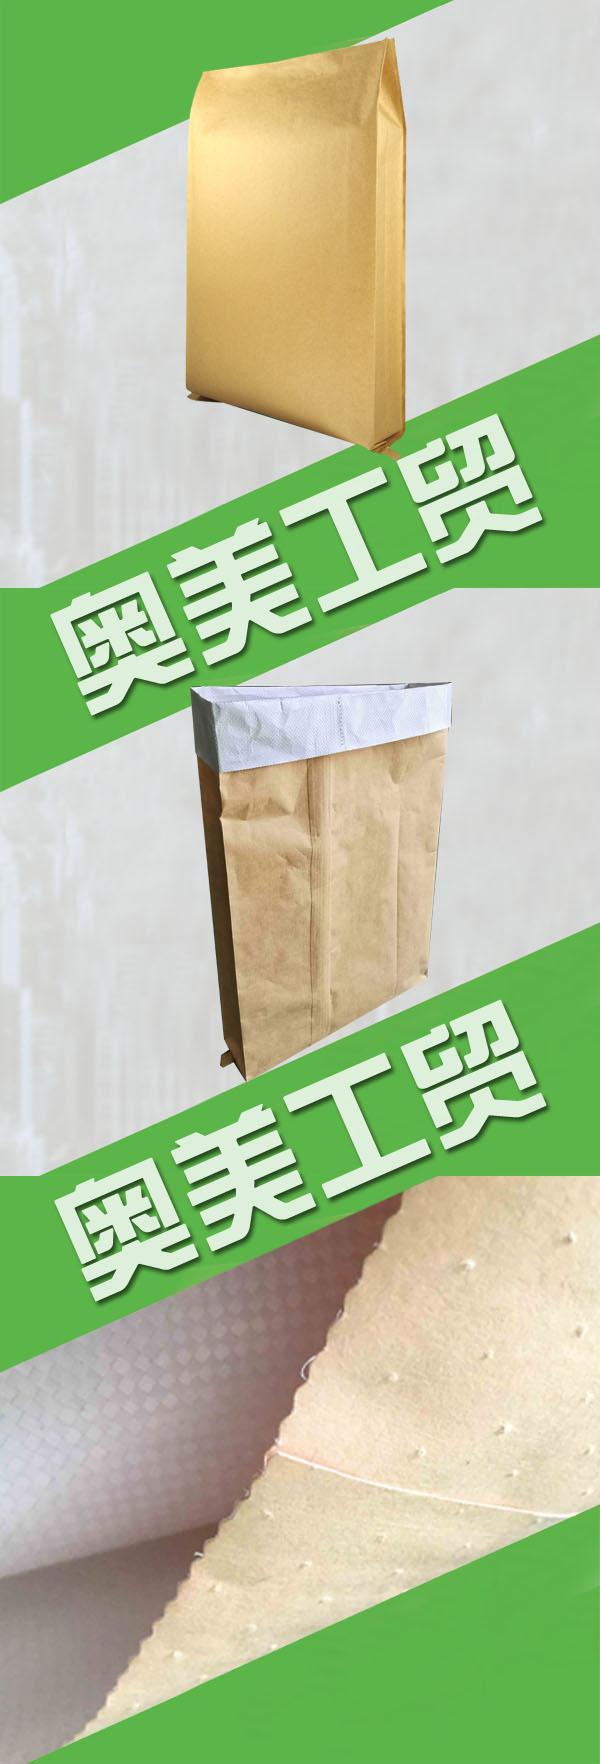 内蒙古复合袋